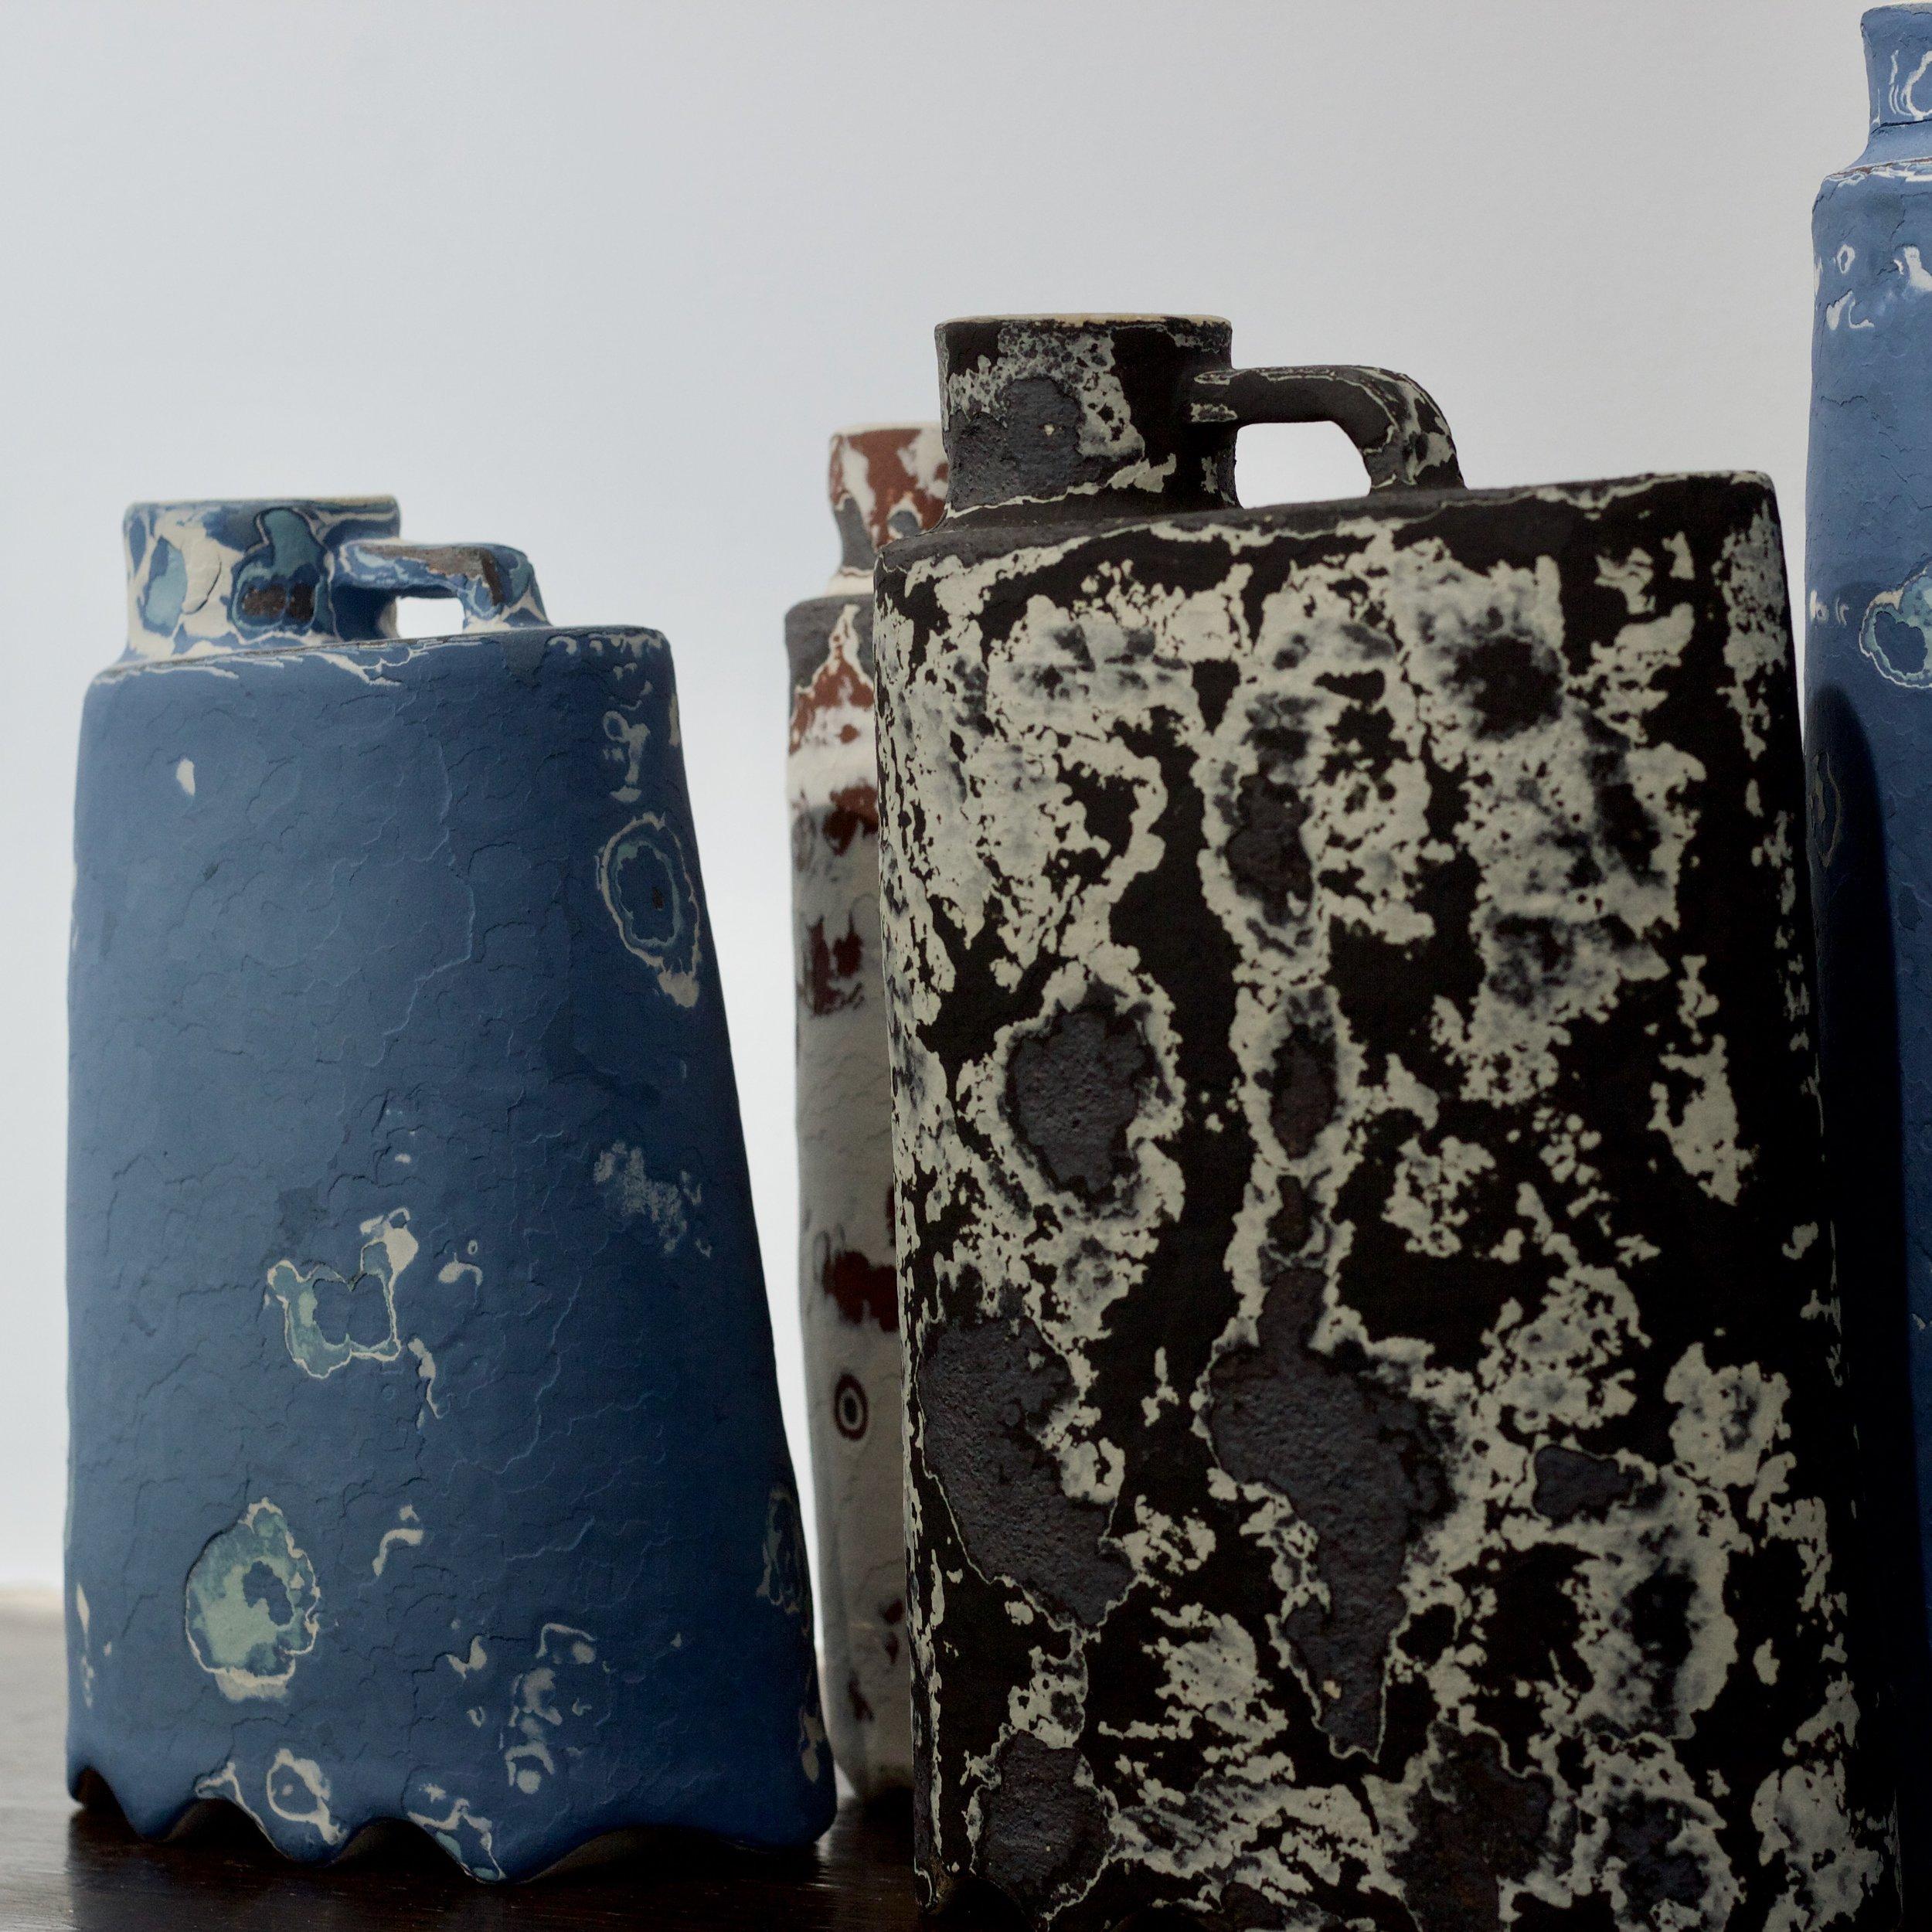 James Faulkner - Bottle Vases